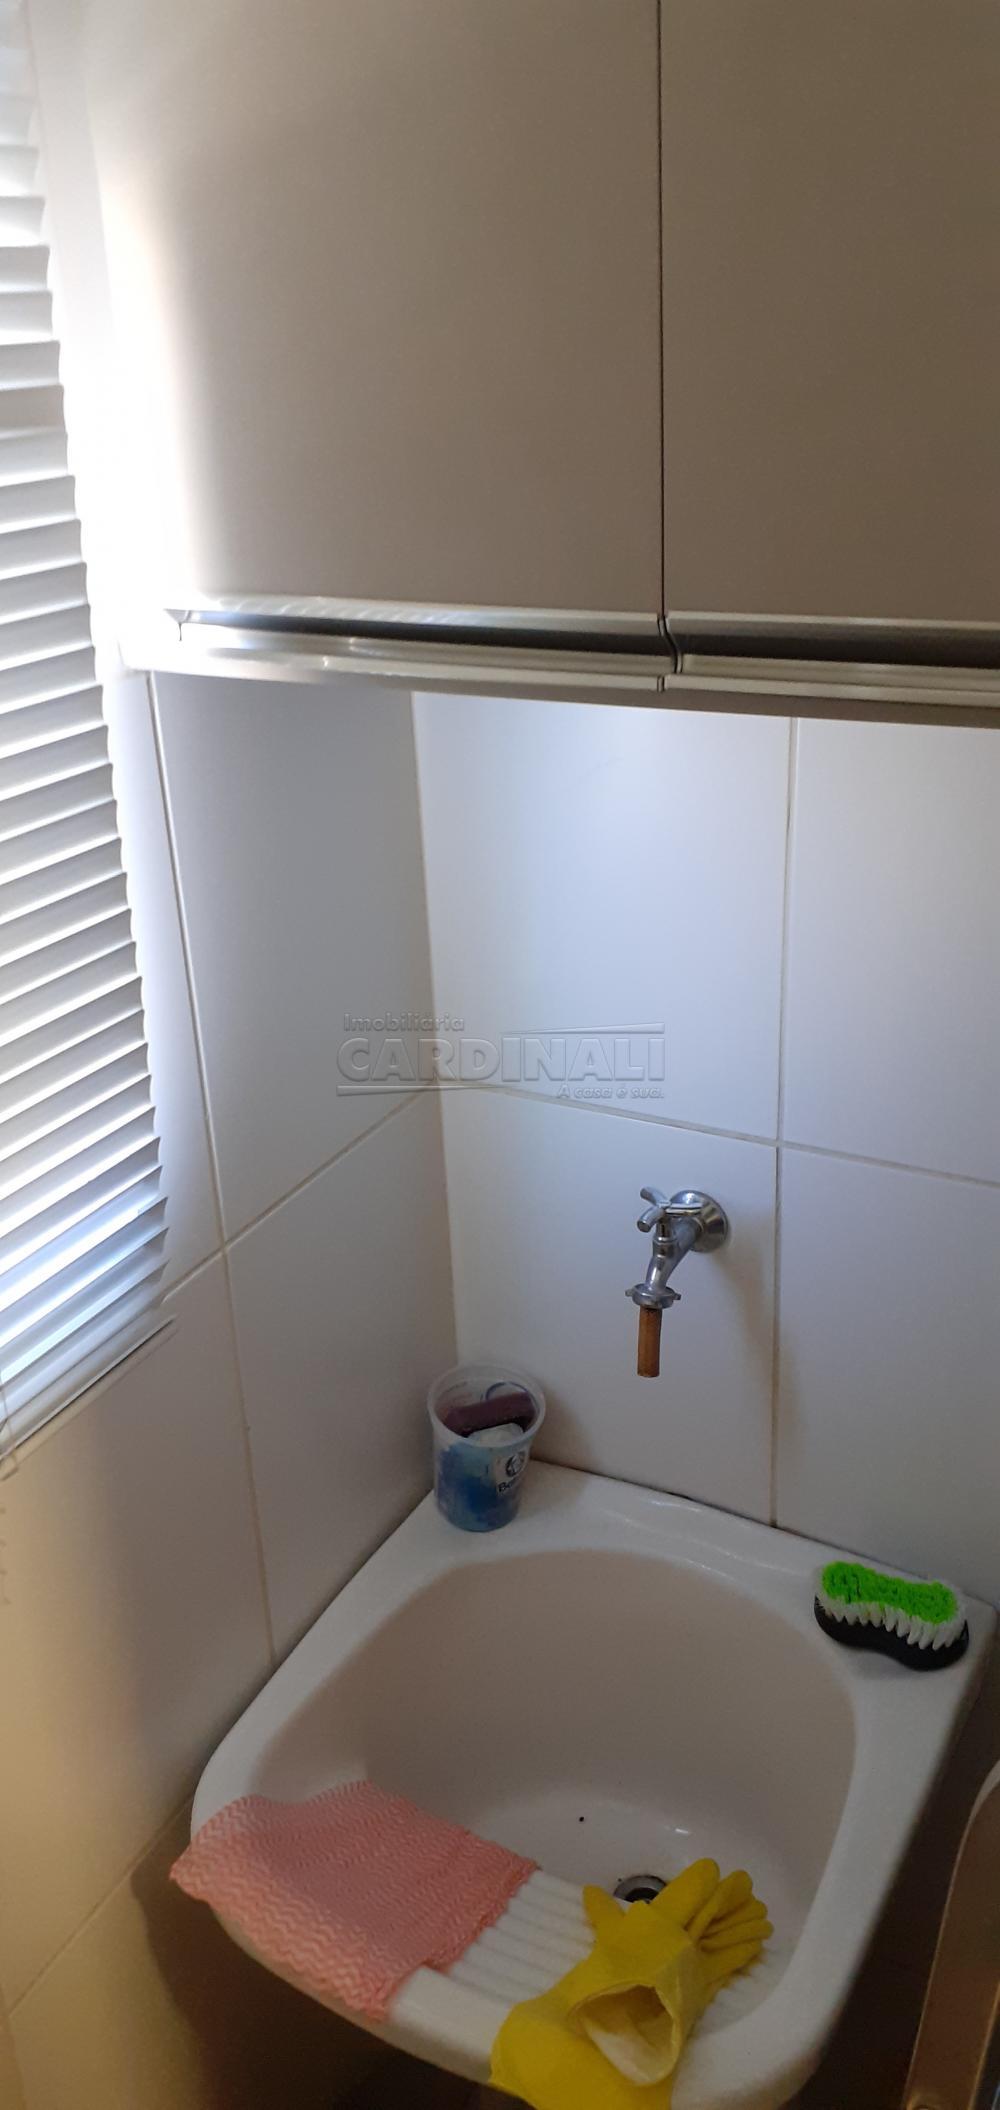 Alugar Apartamento / Padrão em São Carlos apenas R$ 1.700,00 - Foto 11